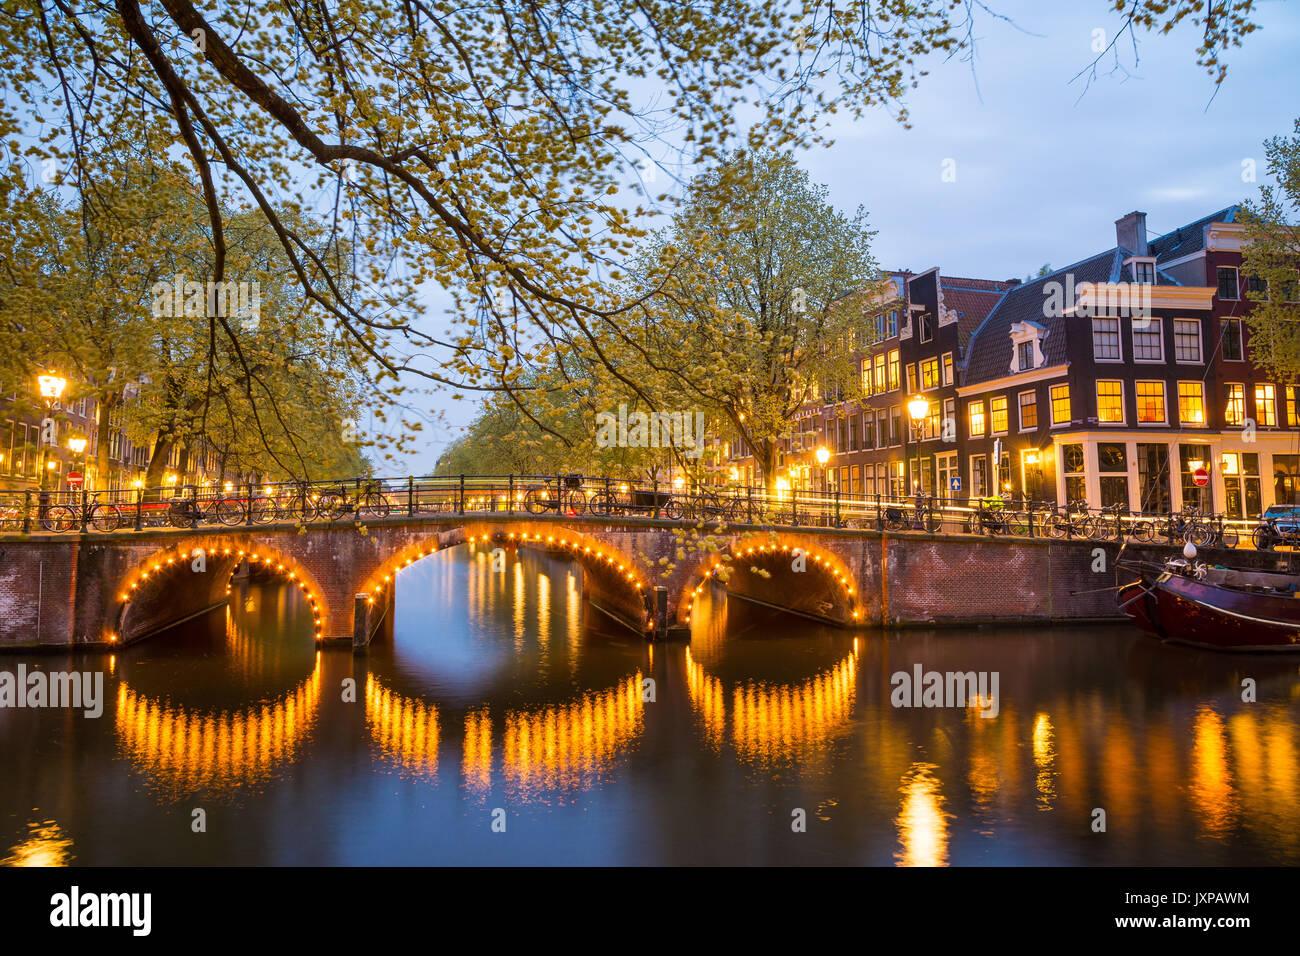 Uno de los famosos canales de Amsterdam, los Países Bajos, al anochecer. Imagen De Stock